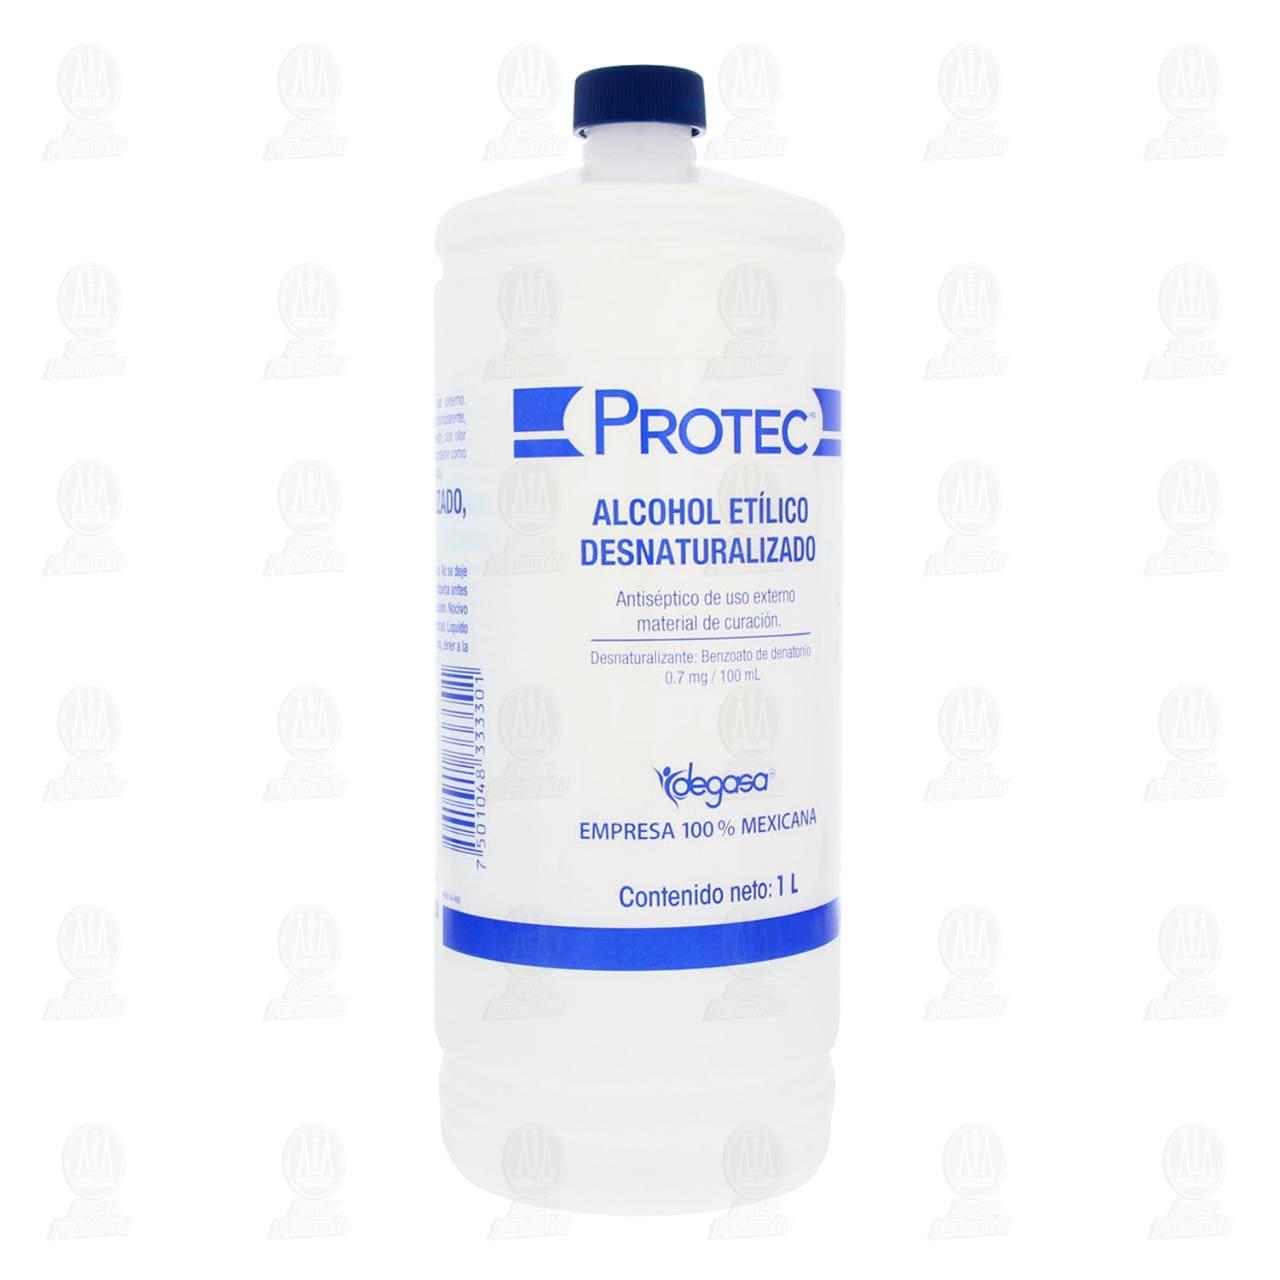 Comprar Alcohol Etílico Protec Desnaturalizado 1l en Farmacias Guadalajara